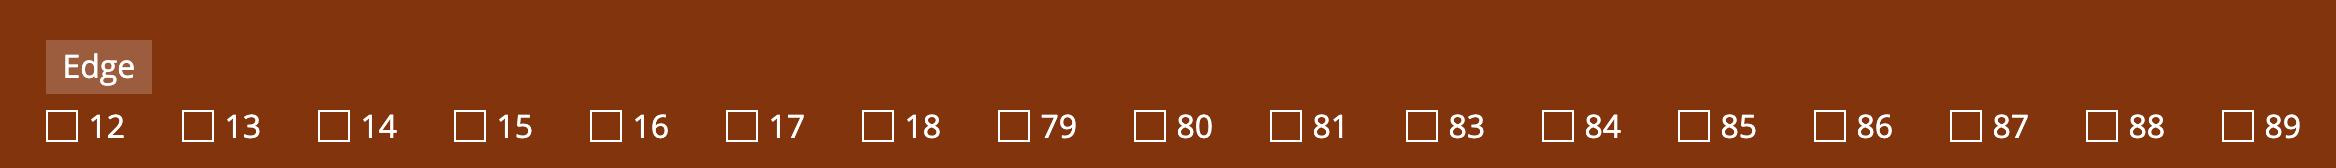 Screen Shot 2021-04-10 at 3 44 50 PM